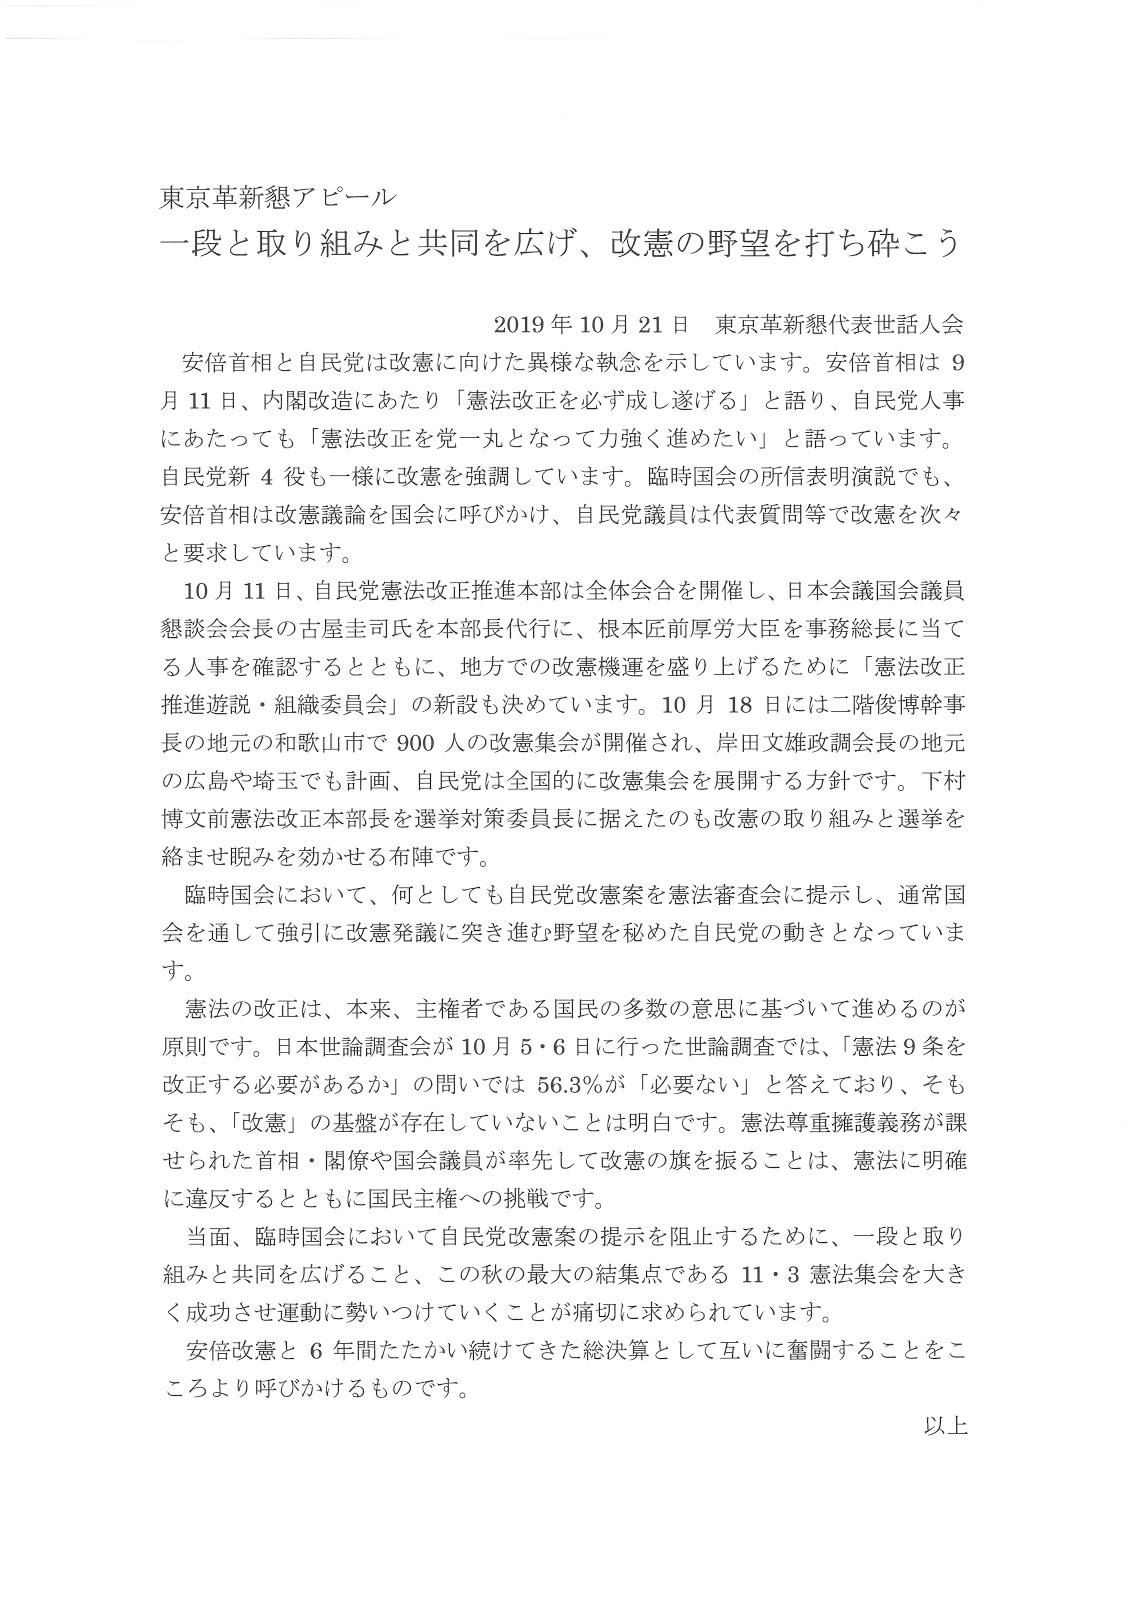 「一段と取り組みと共同を広げ、改憲の野望を打ち砕こう」東京革新懇が10月21日アピール